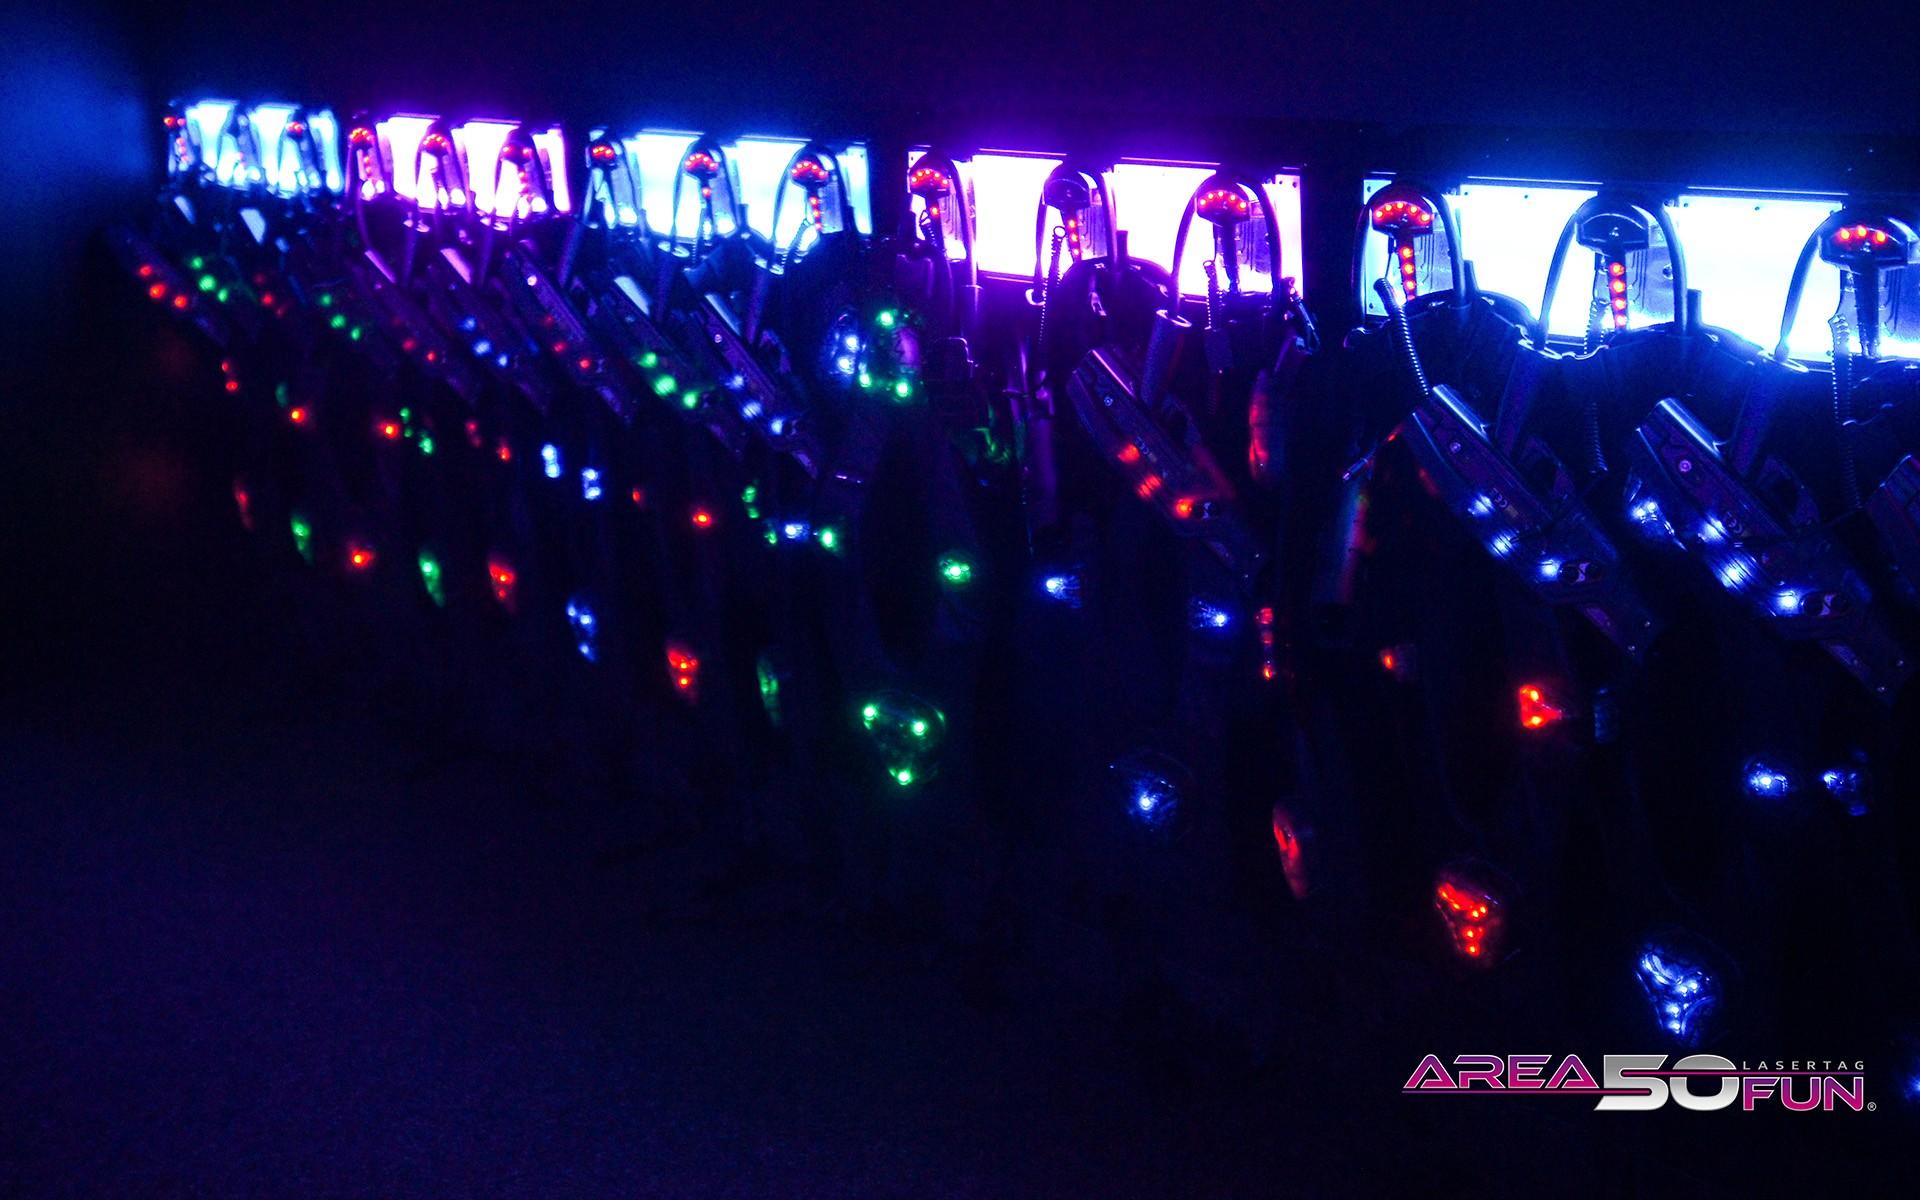 Area50Fun-Lasertag-Westen